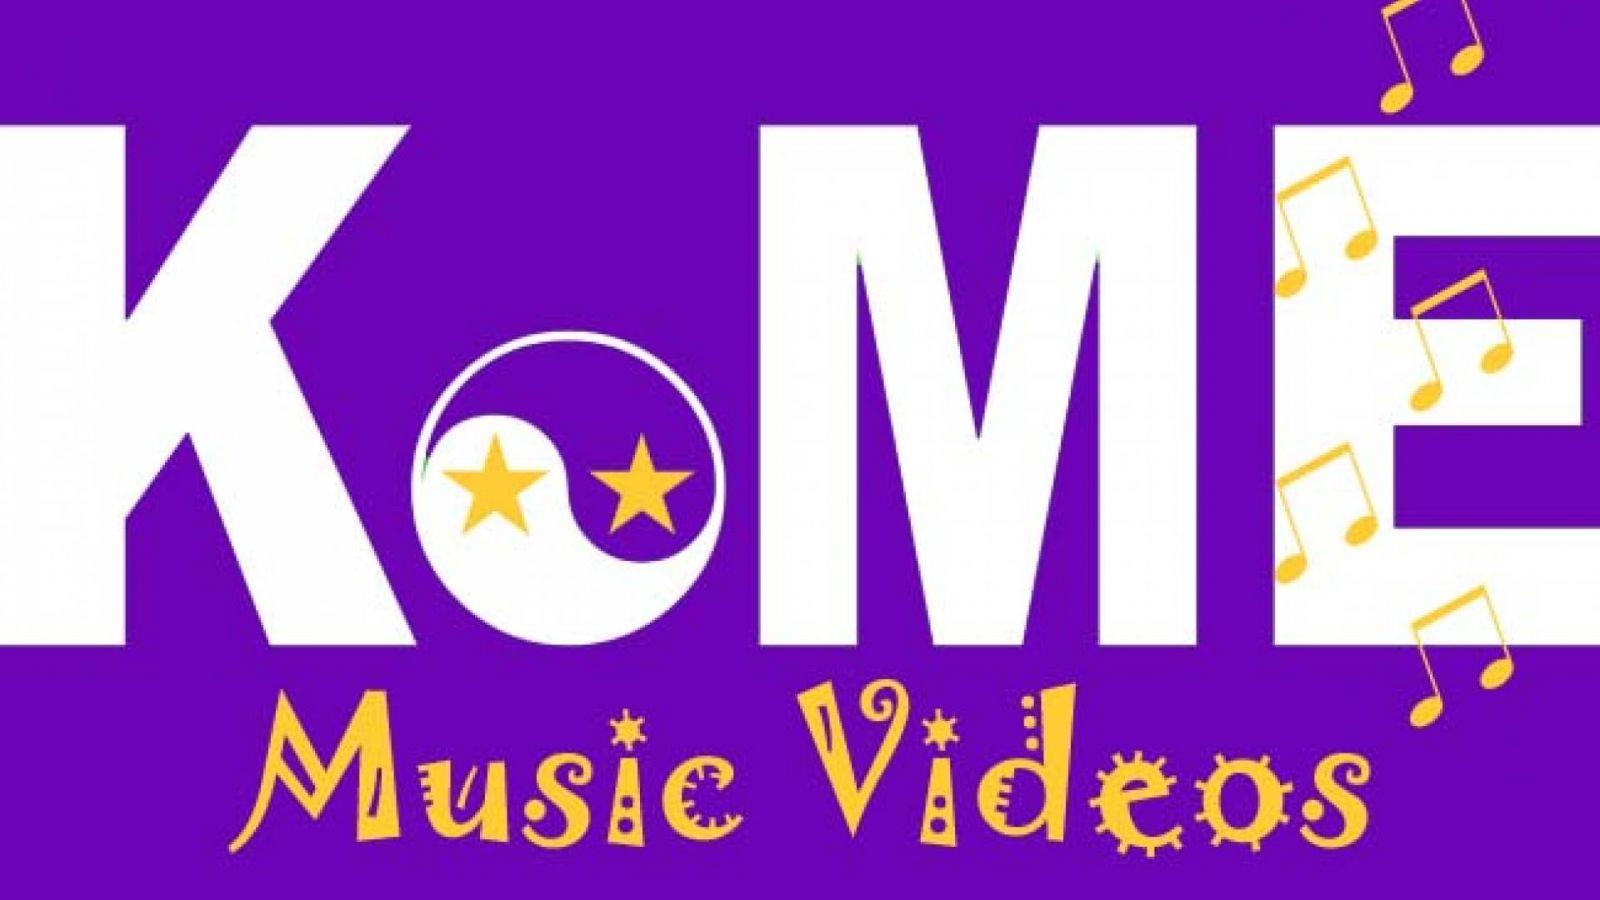 MVs da semana: 09/12 - 15/12 © KoME